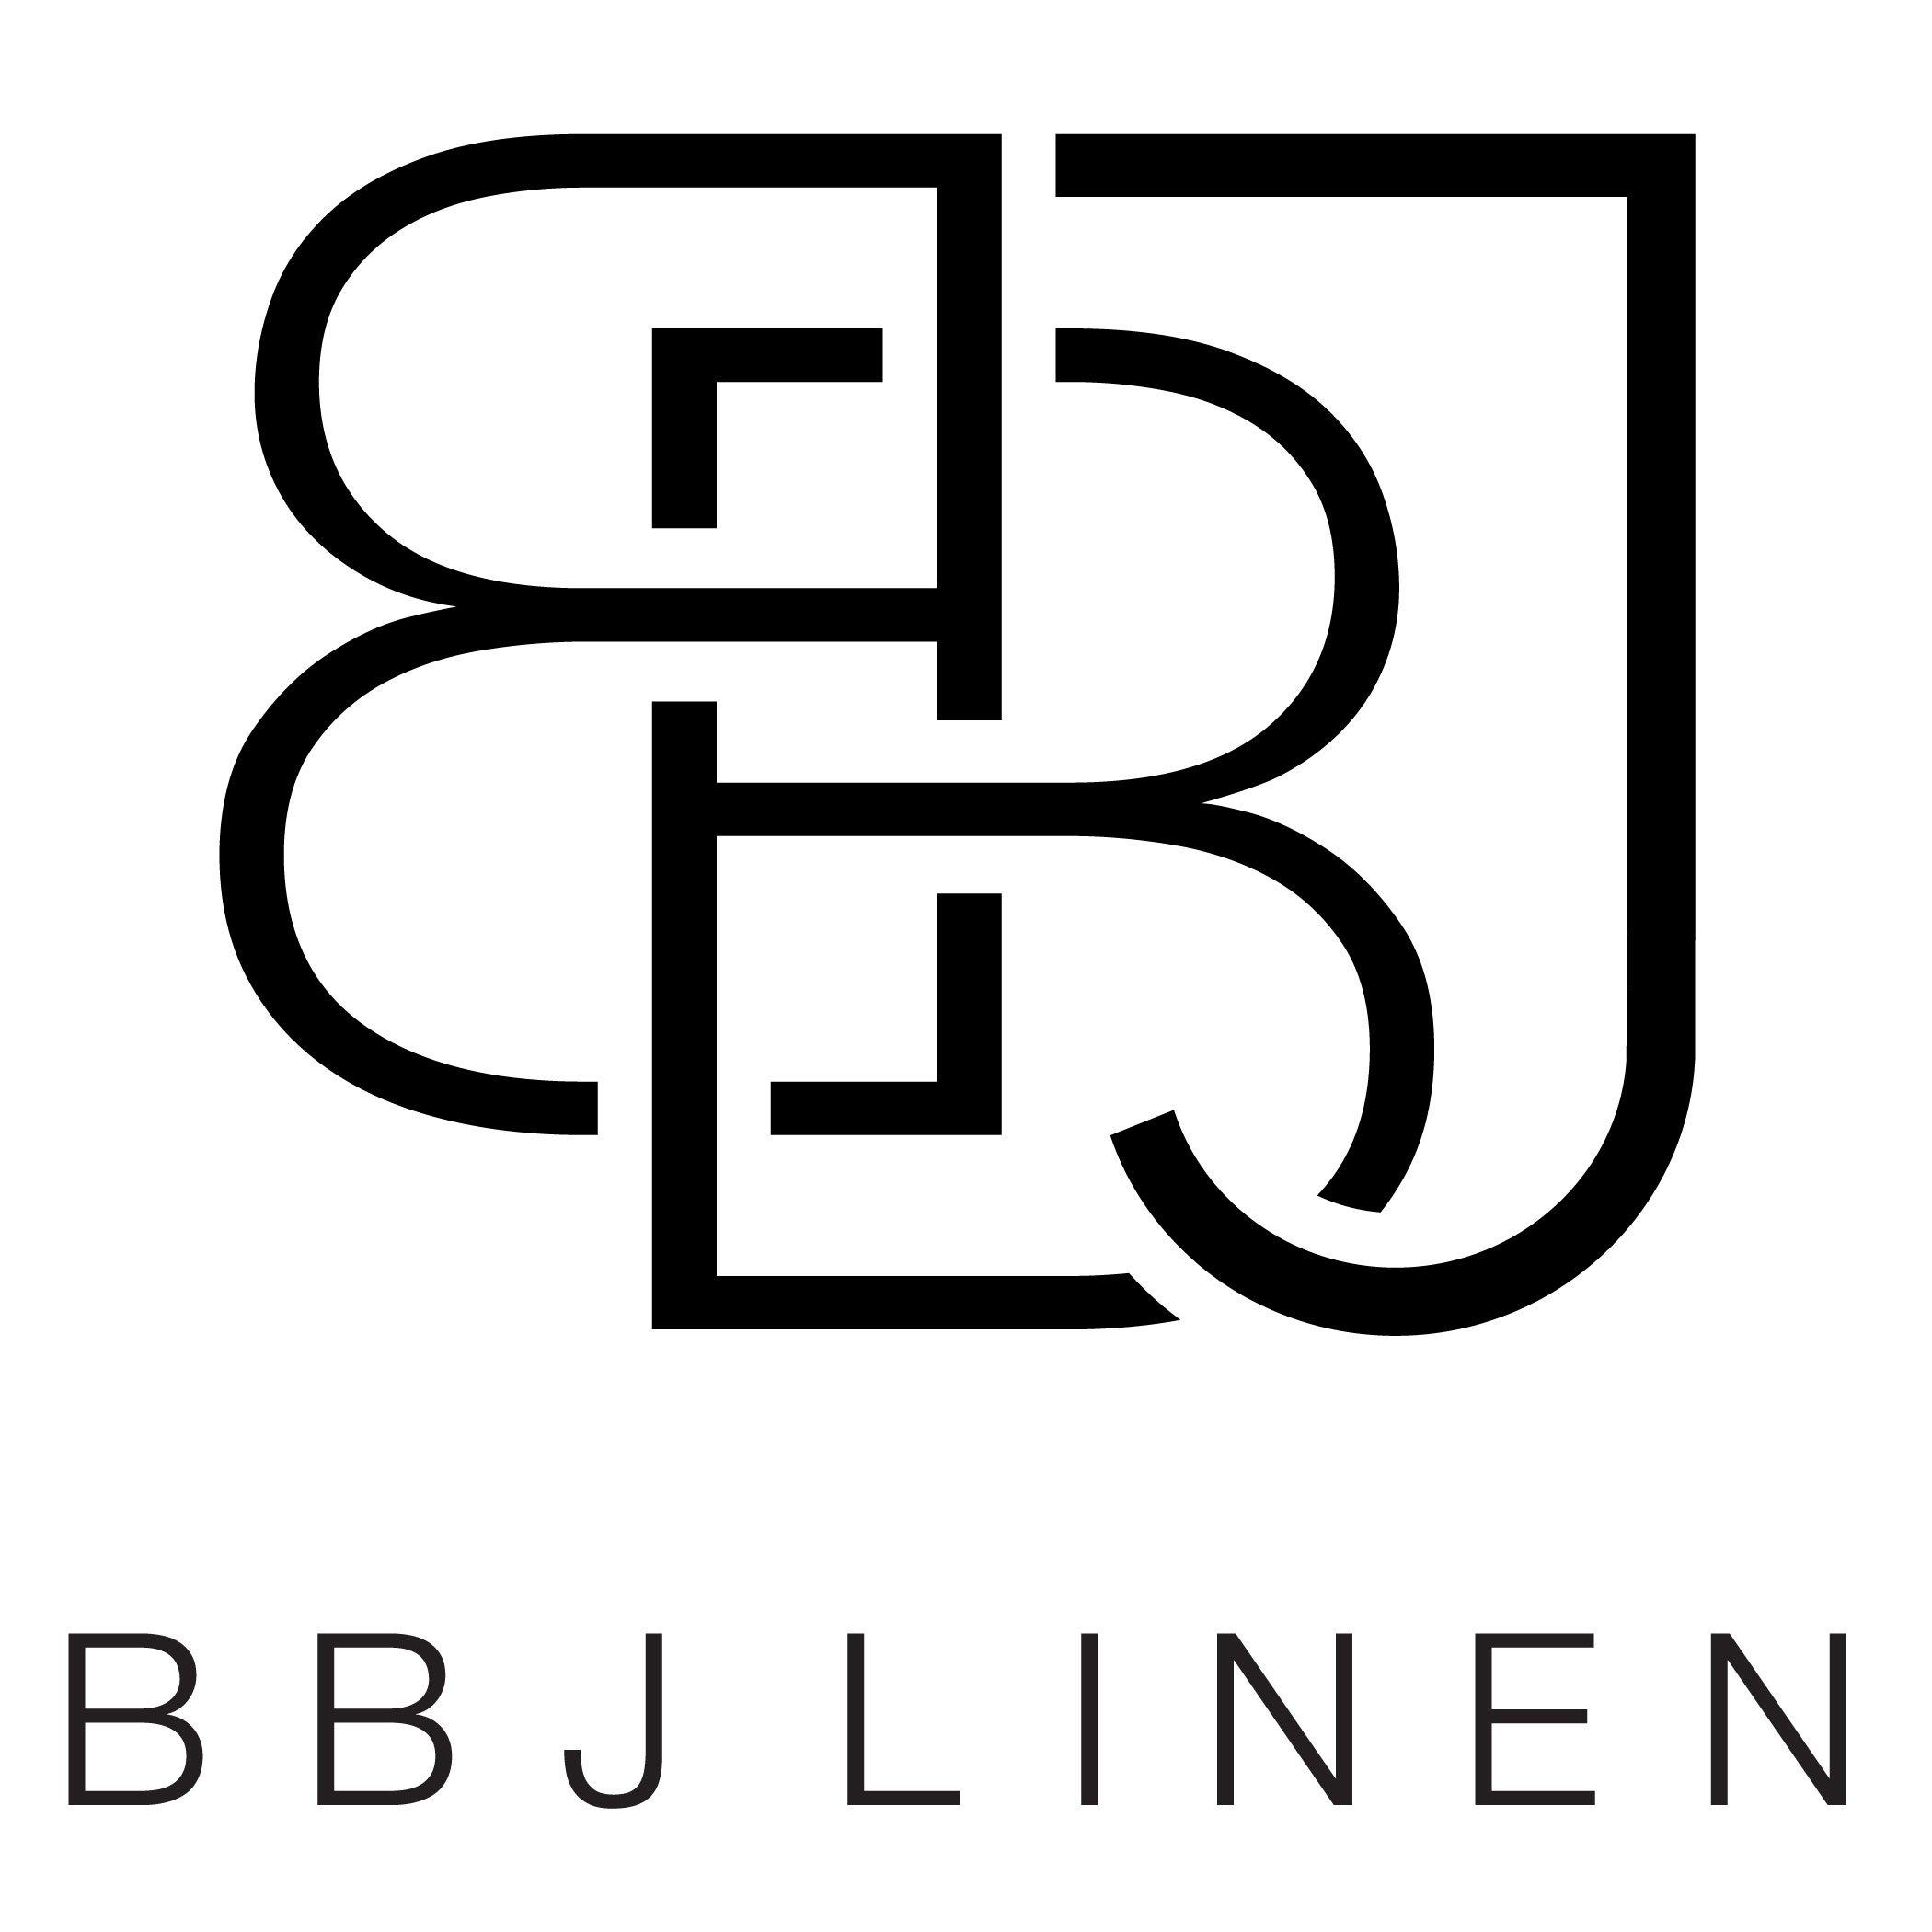 BBJ Linen Logo